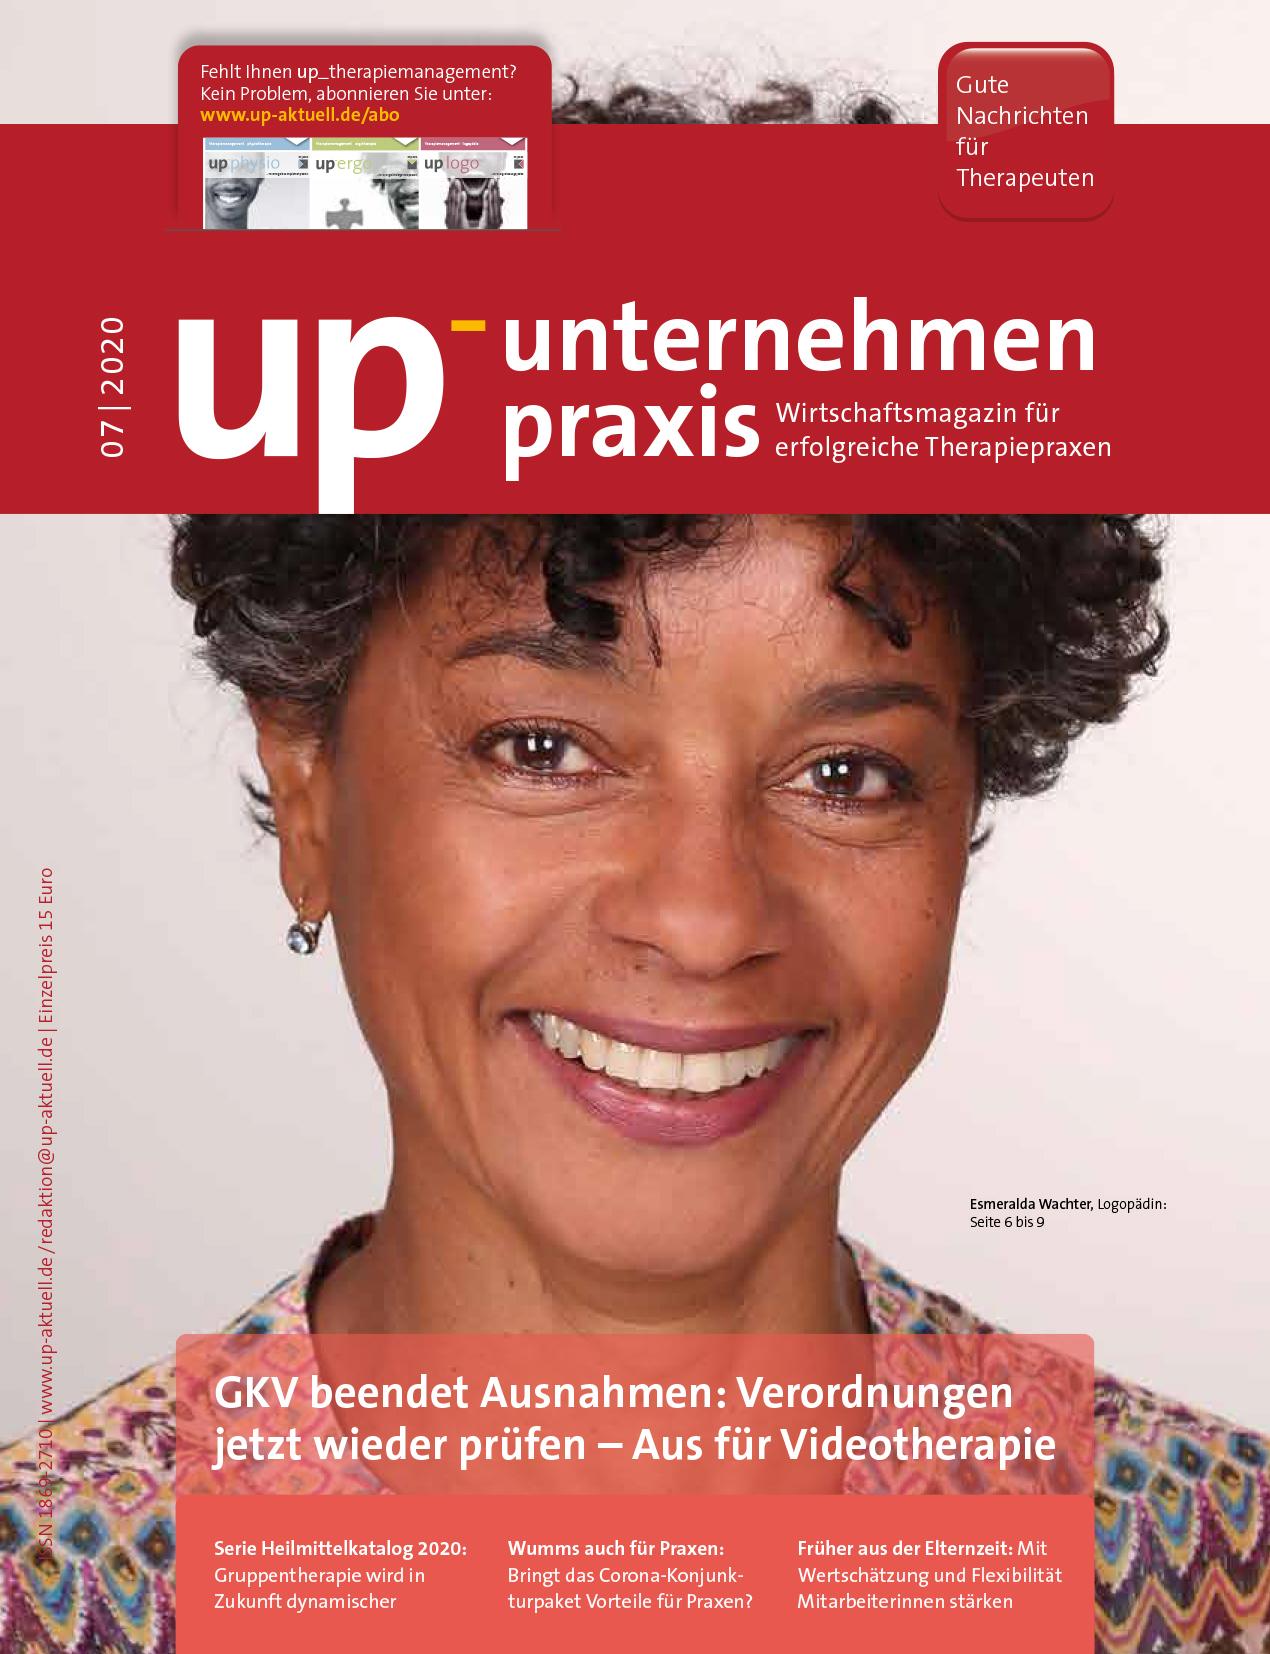 Ausgabe 07/2020 – GKV beendet Ausnahmen / Rassismus